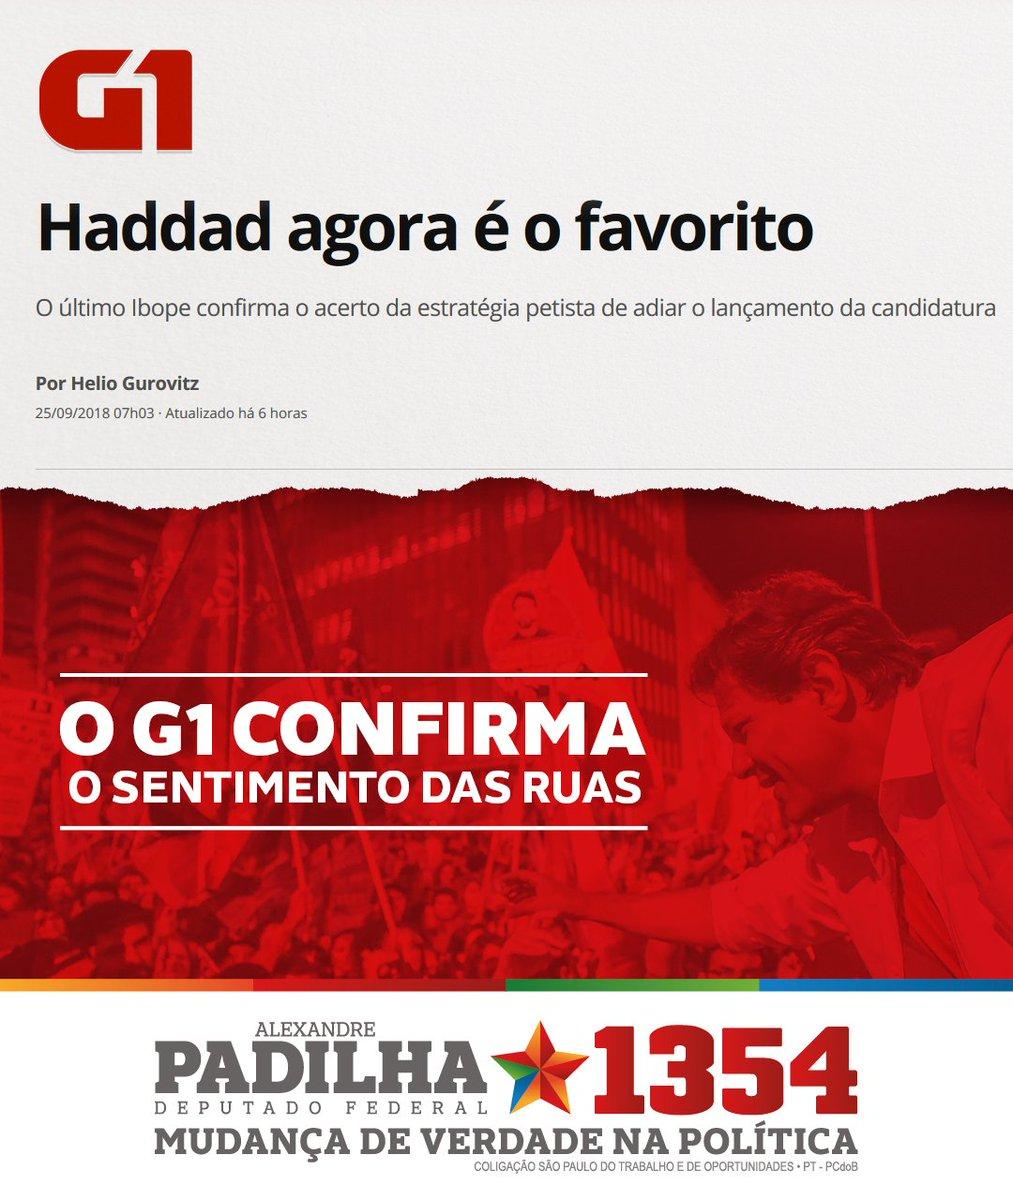 Agora, é Haddad! É o favorito do Brasil! Certamente, seremos felizes de novo! #Padilha1354 #MudançaDeVerdade #HaddadÉLula